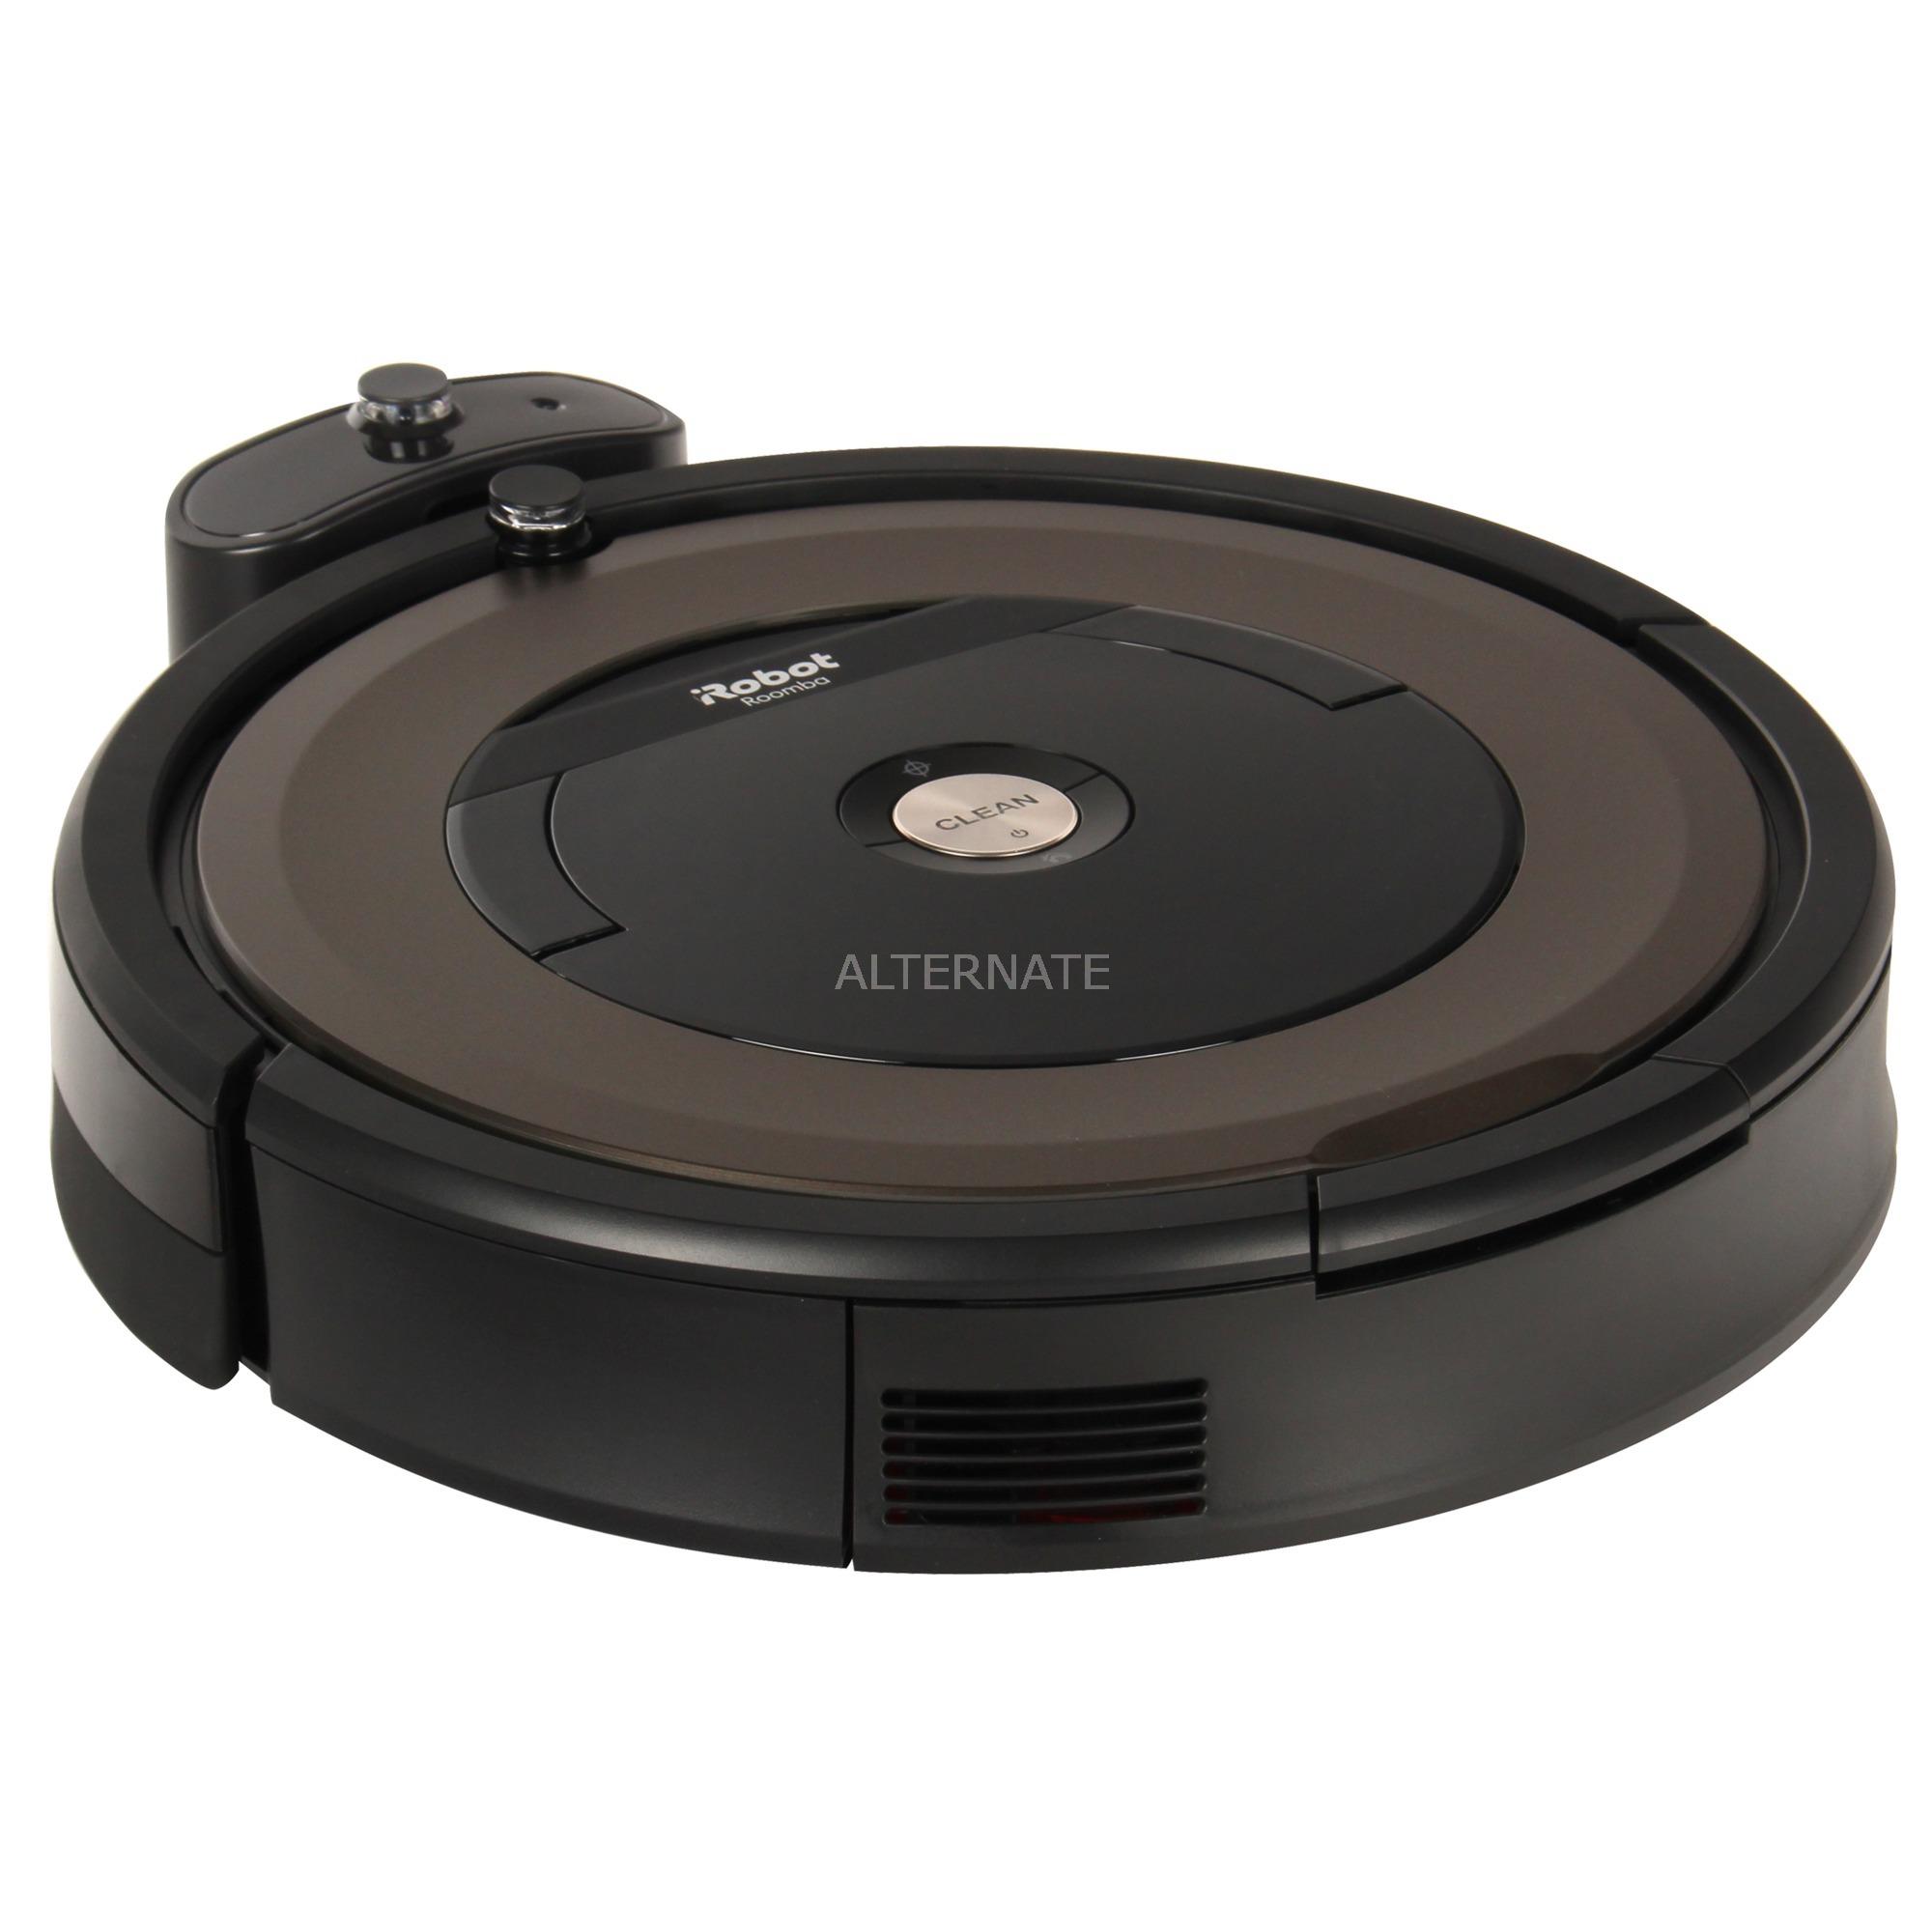 Roomba 896 aspiradora robotizada Negro, Marrón 0,6 L, Robot aspirador